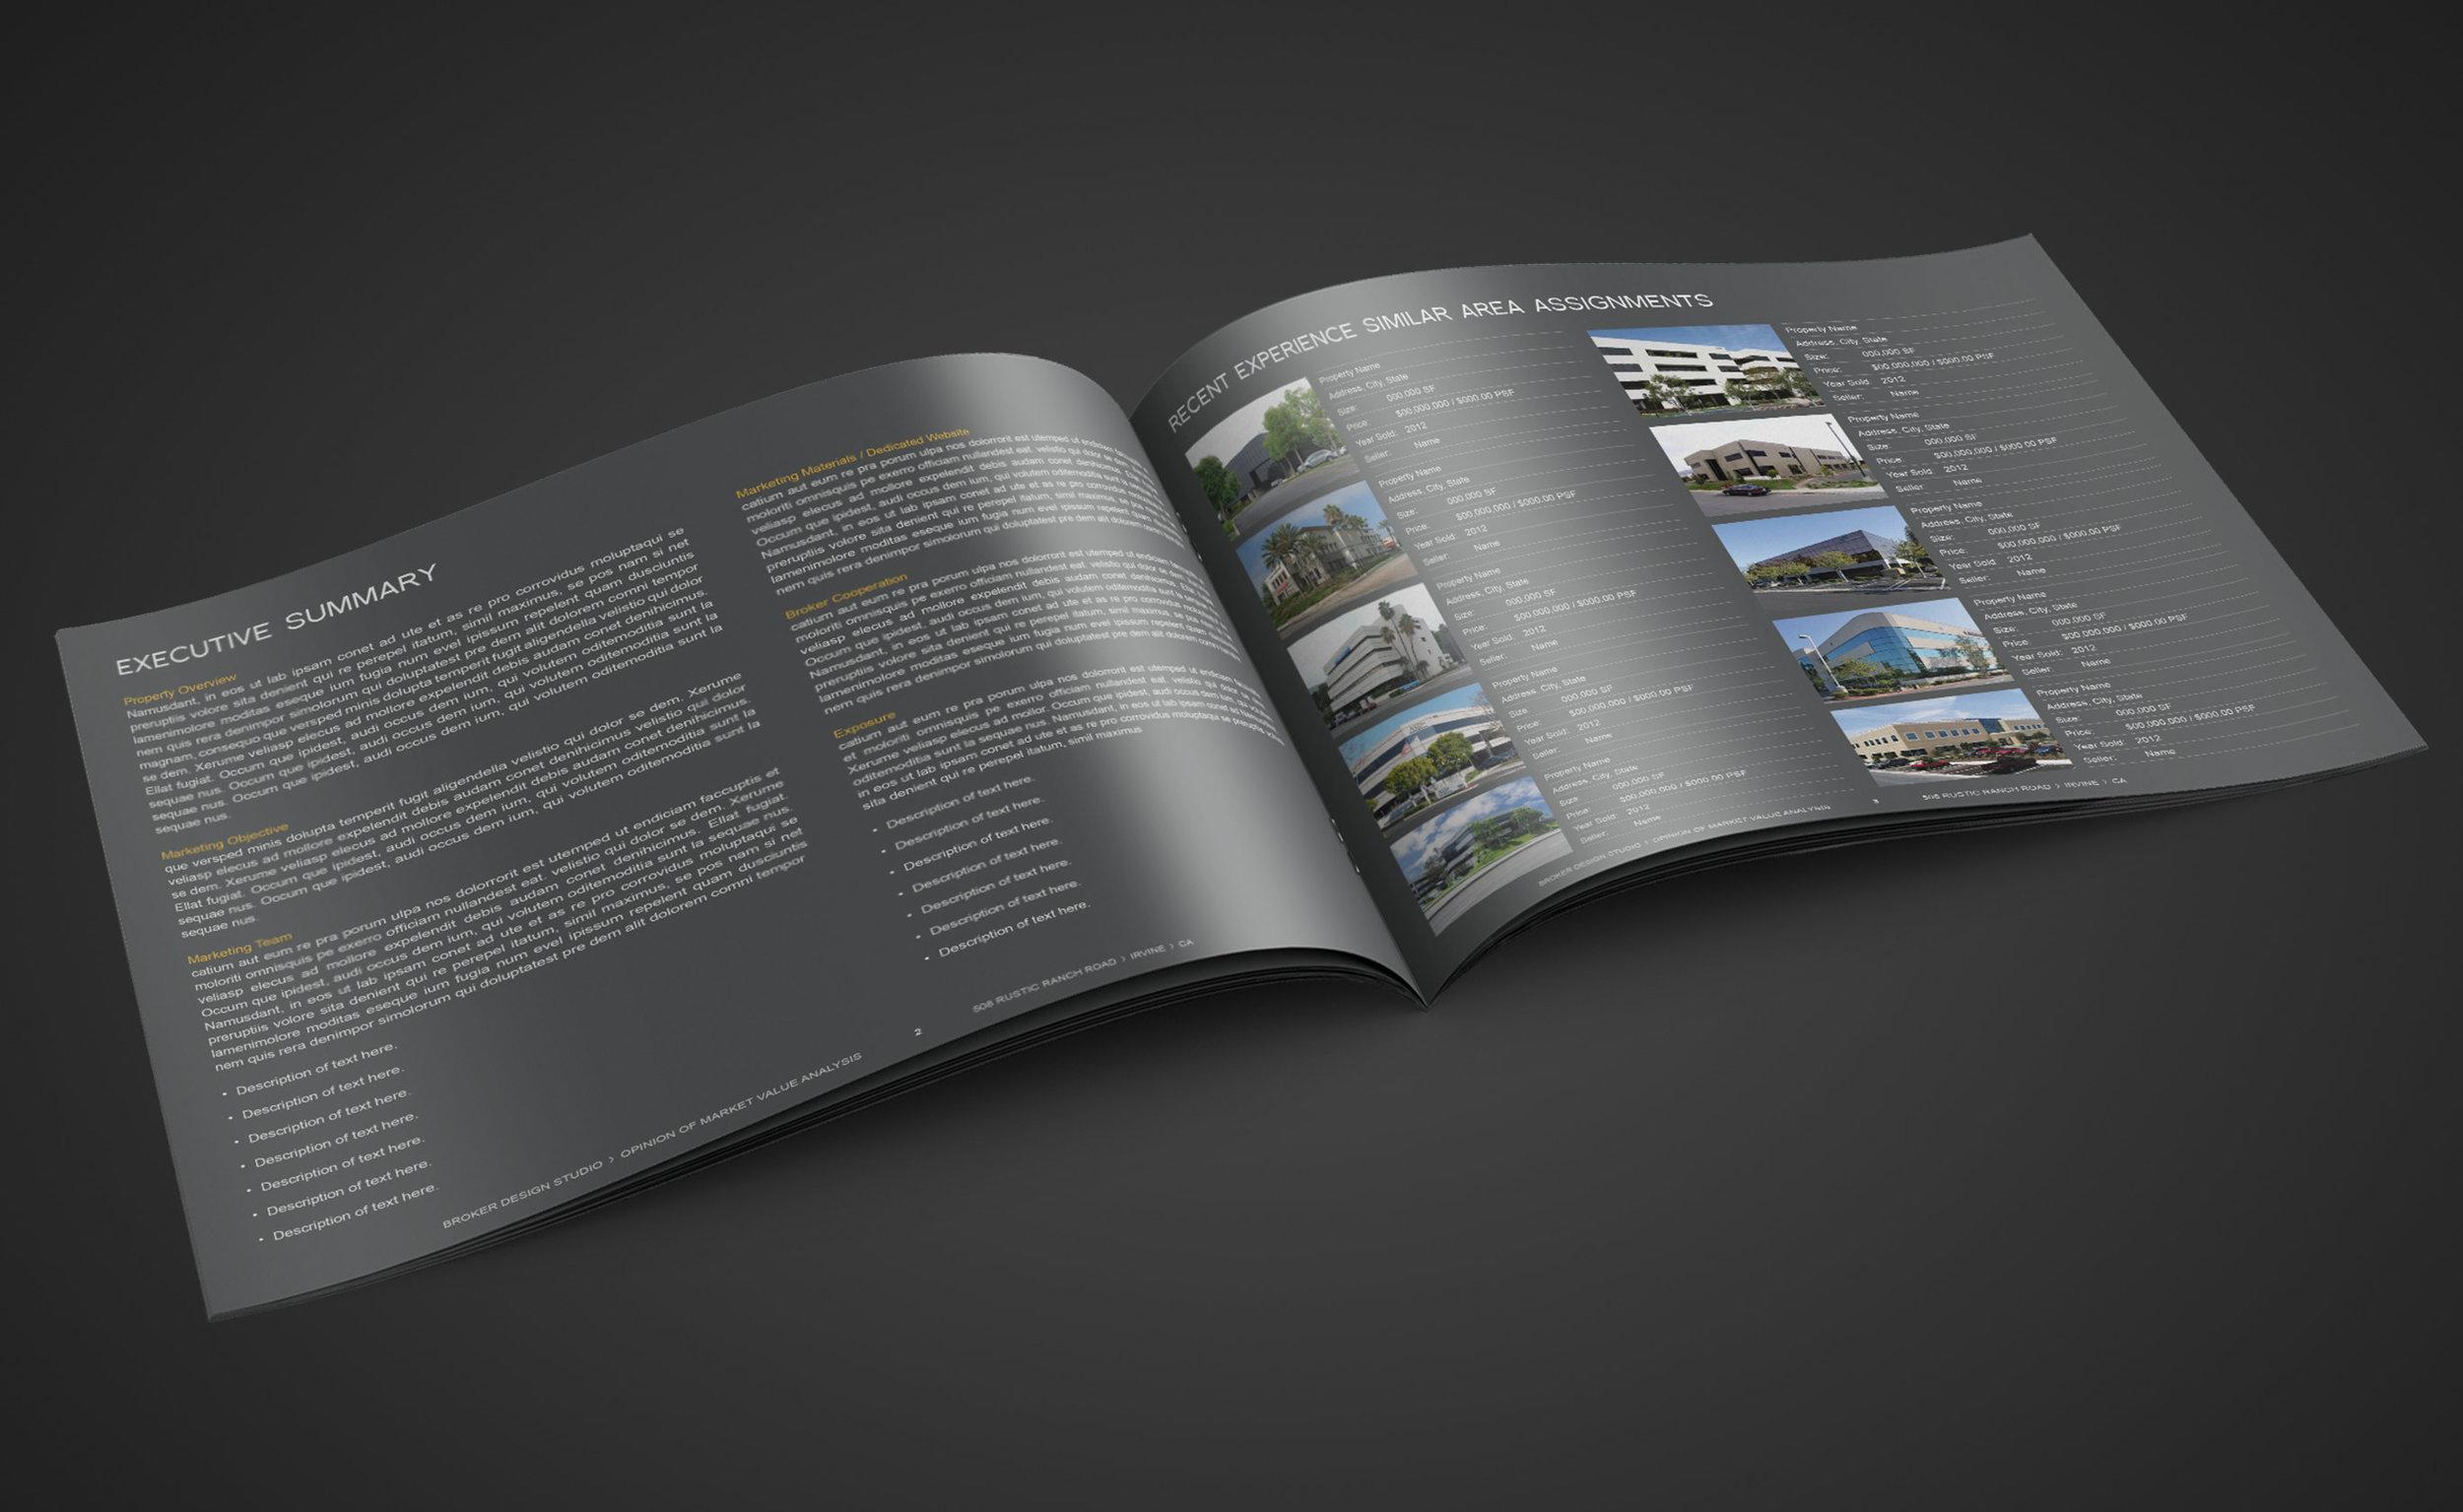 GalleryImage_BDS_1.jpg